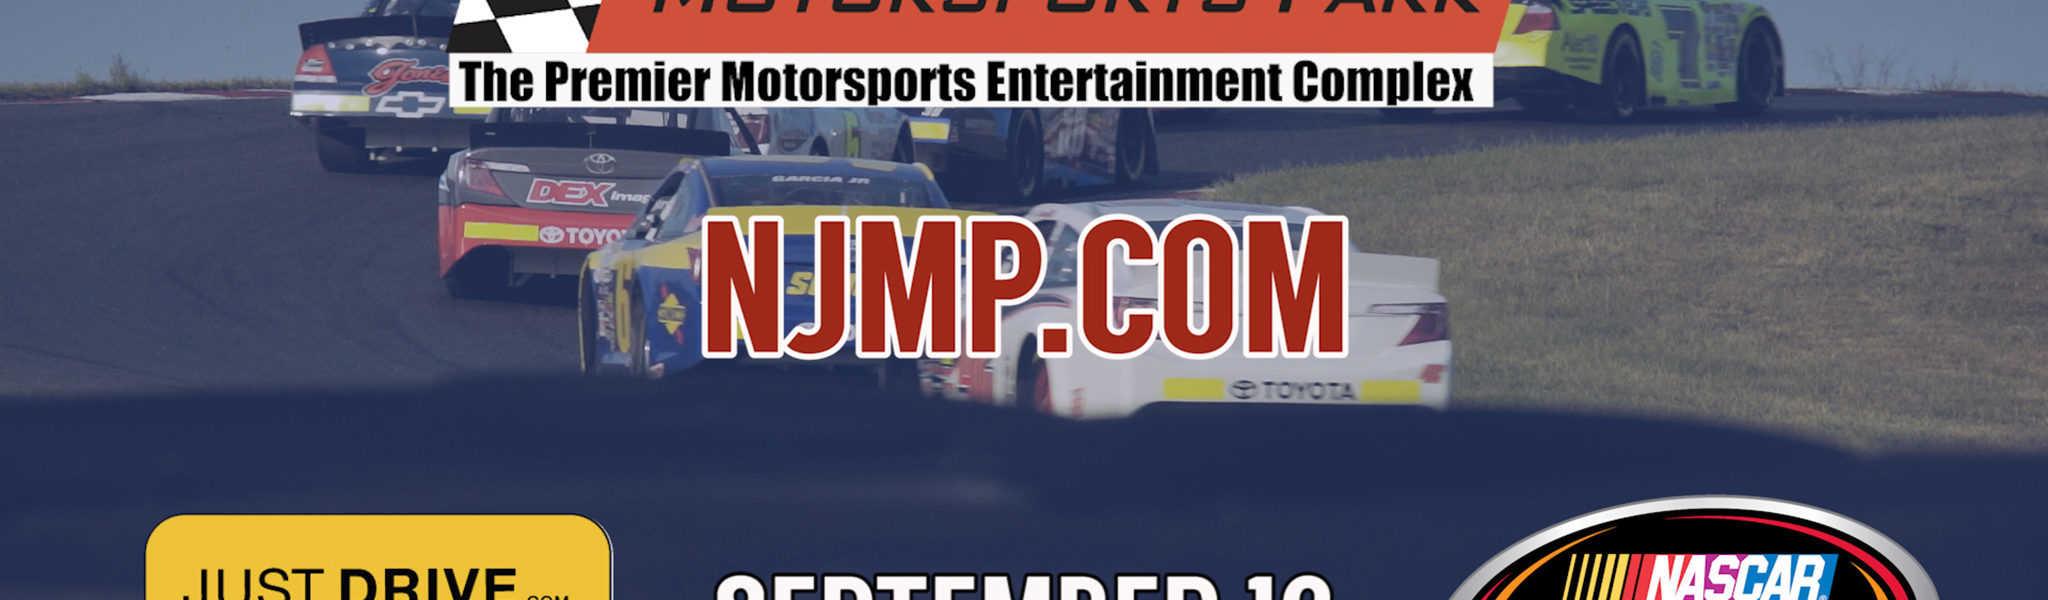 NASCAR in SLO-MO at NJMP